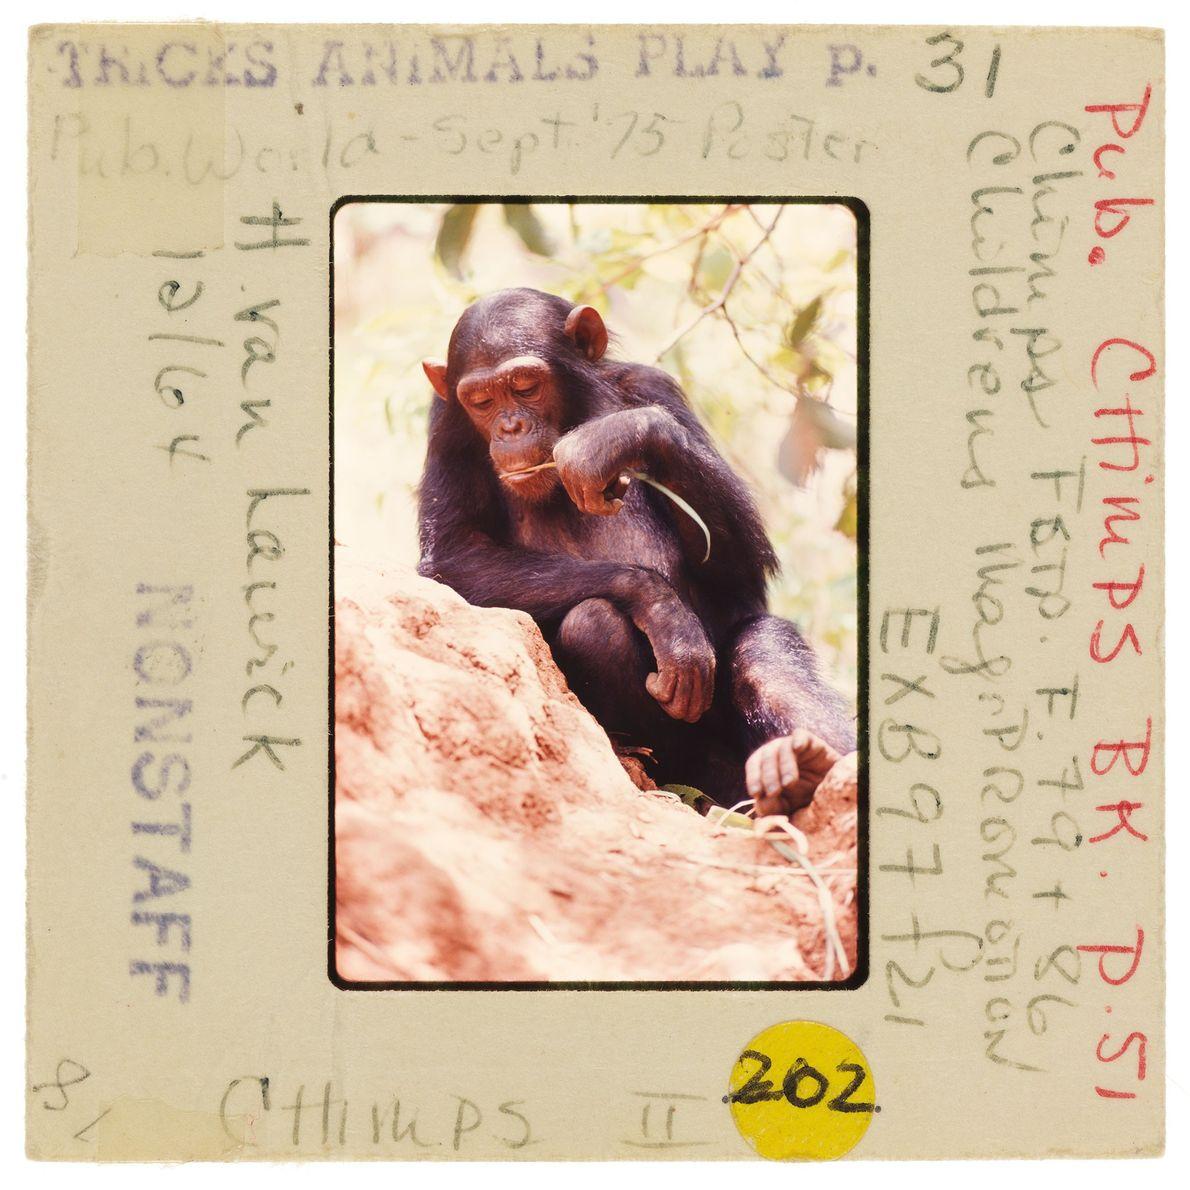 Un chimpanzé déguste des termites sur une brindille qui a été trempée dans une termitière.